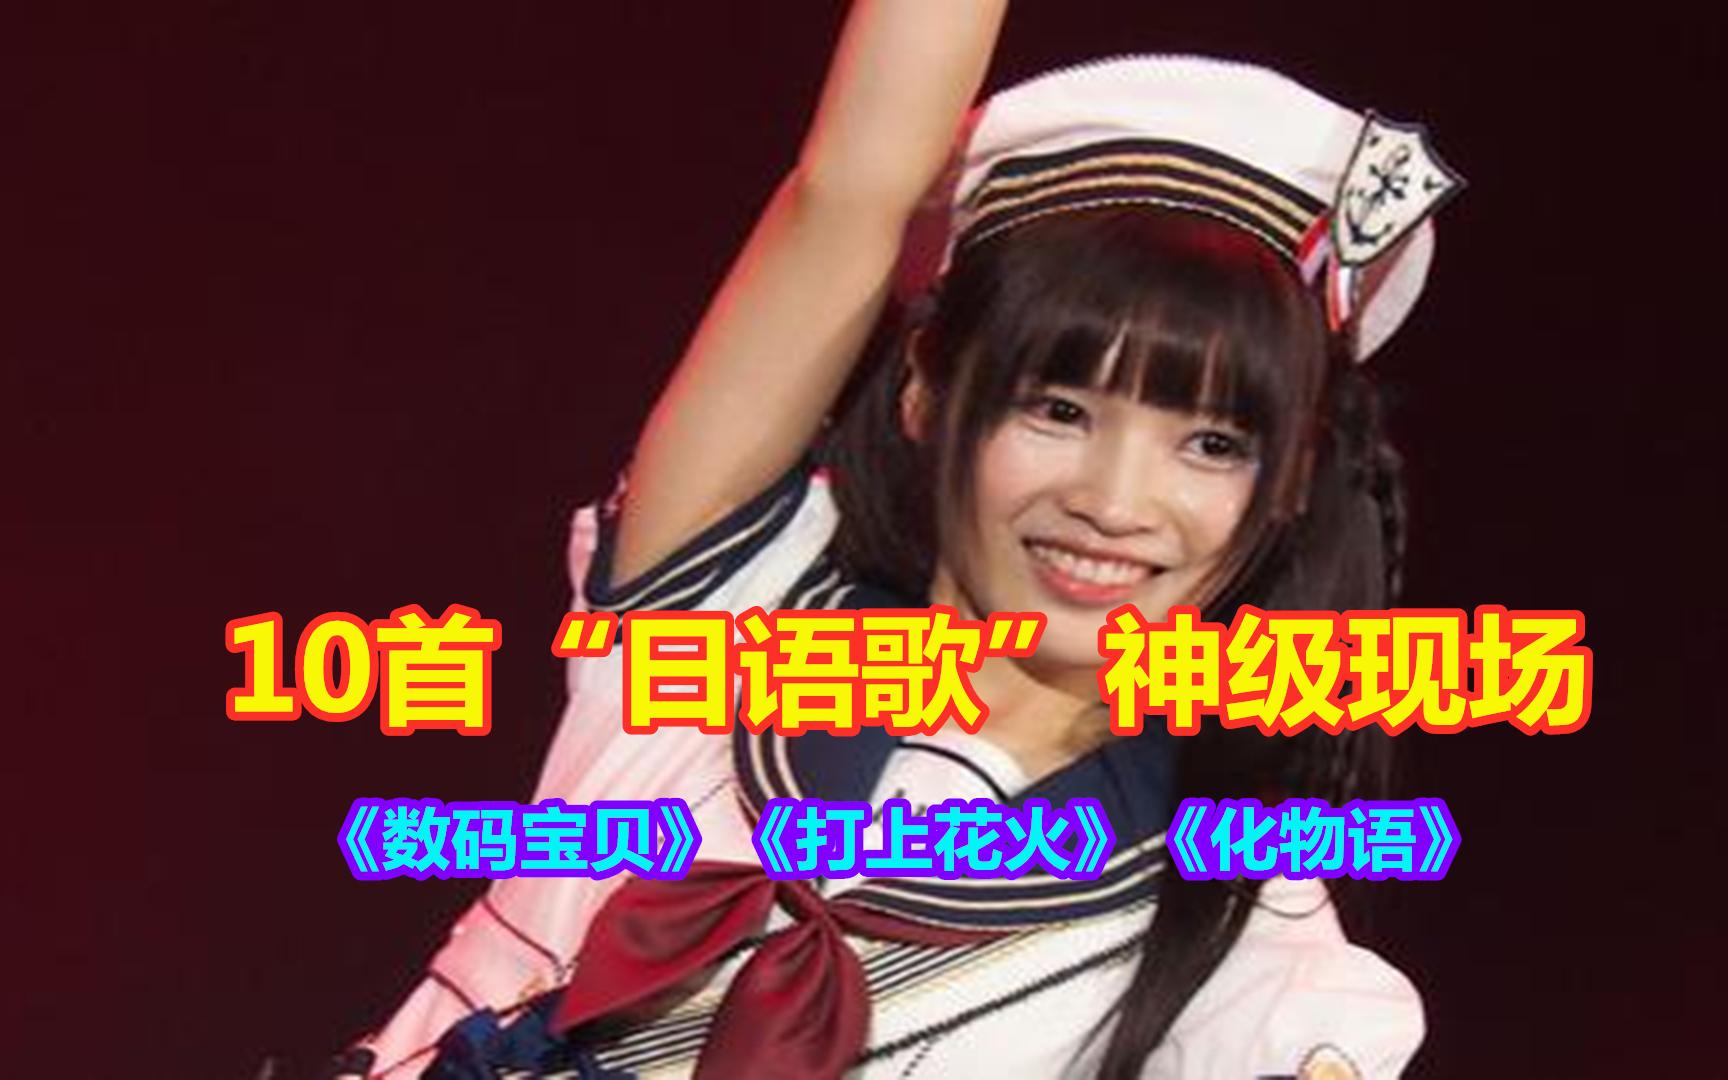 """10首""""日语歌曲""""神级现场,太洗脑了,每一首都点燃现场"""